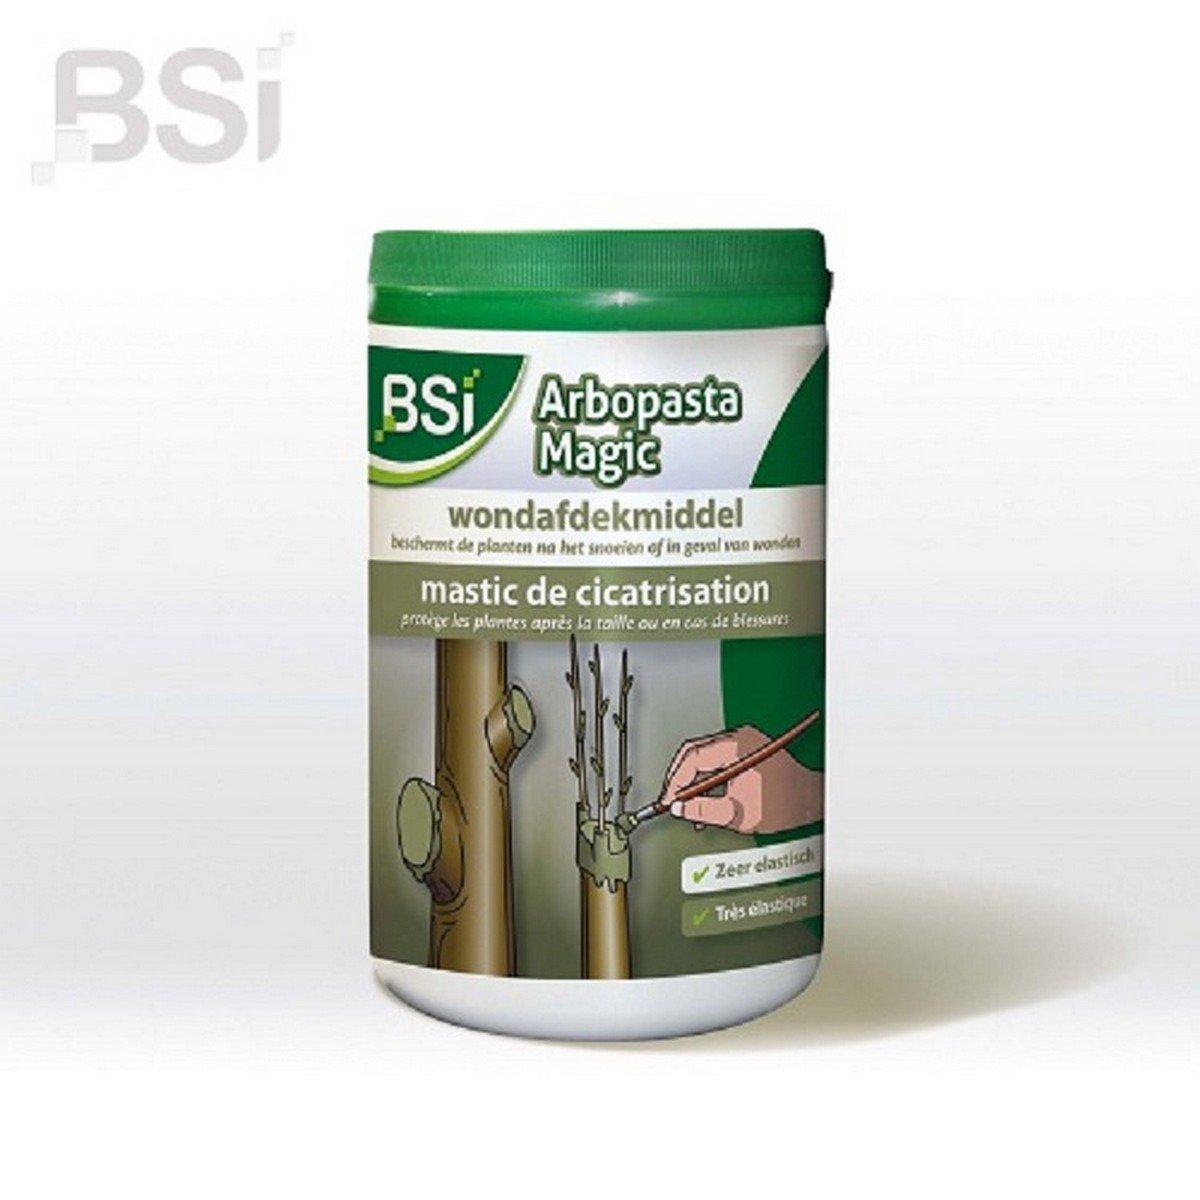 Afbeelding van BSI Afdekpasta Arbopasta Magic voor Boomwonden 1 kg